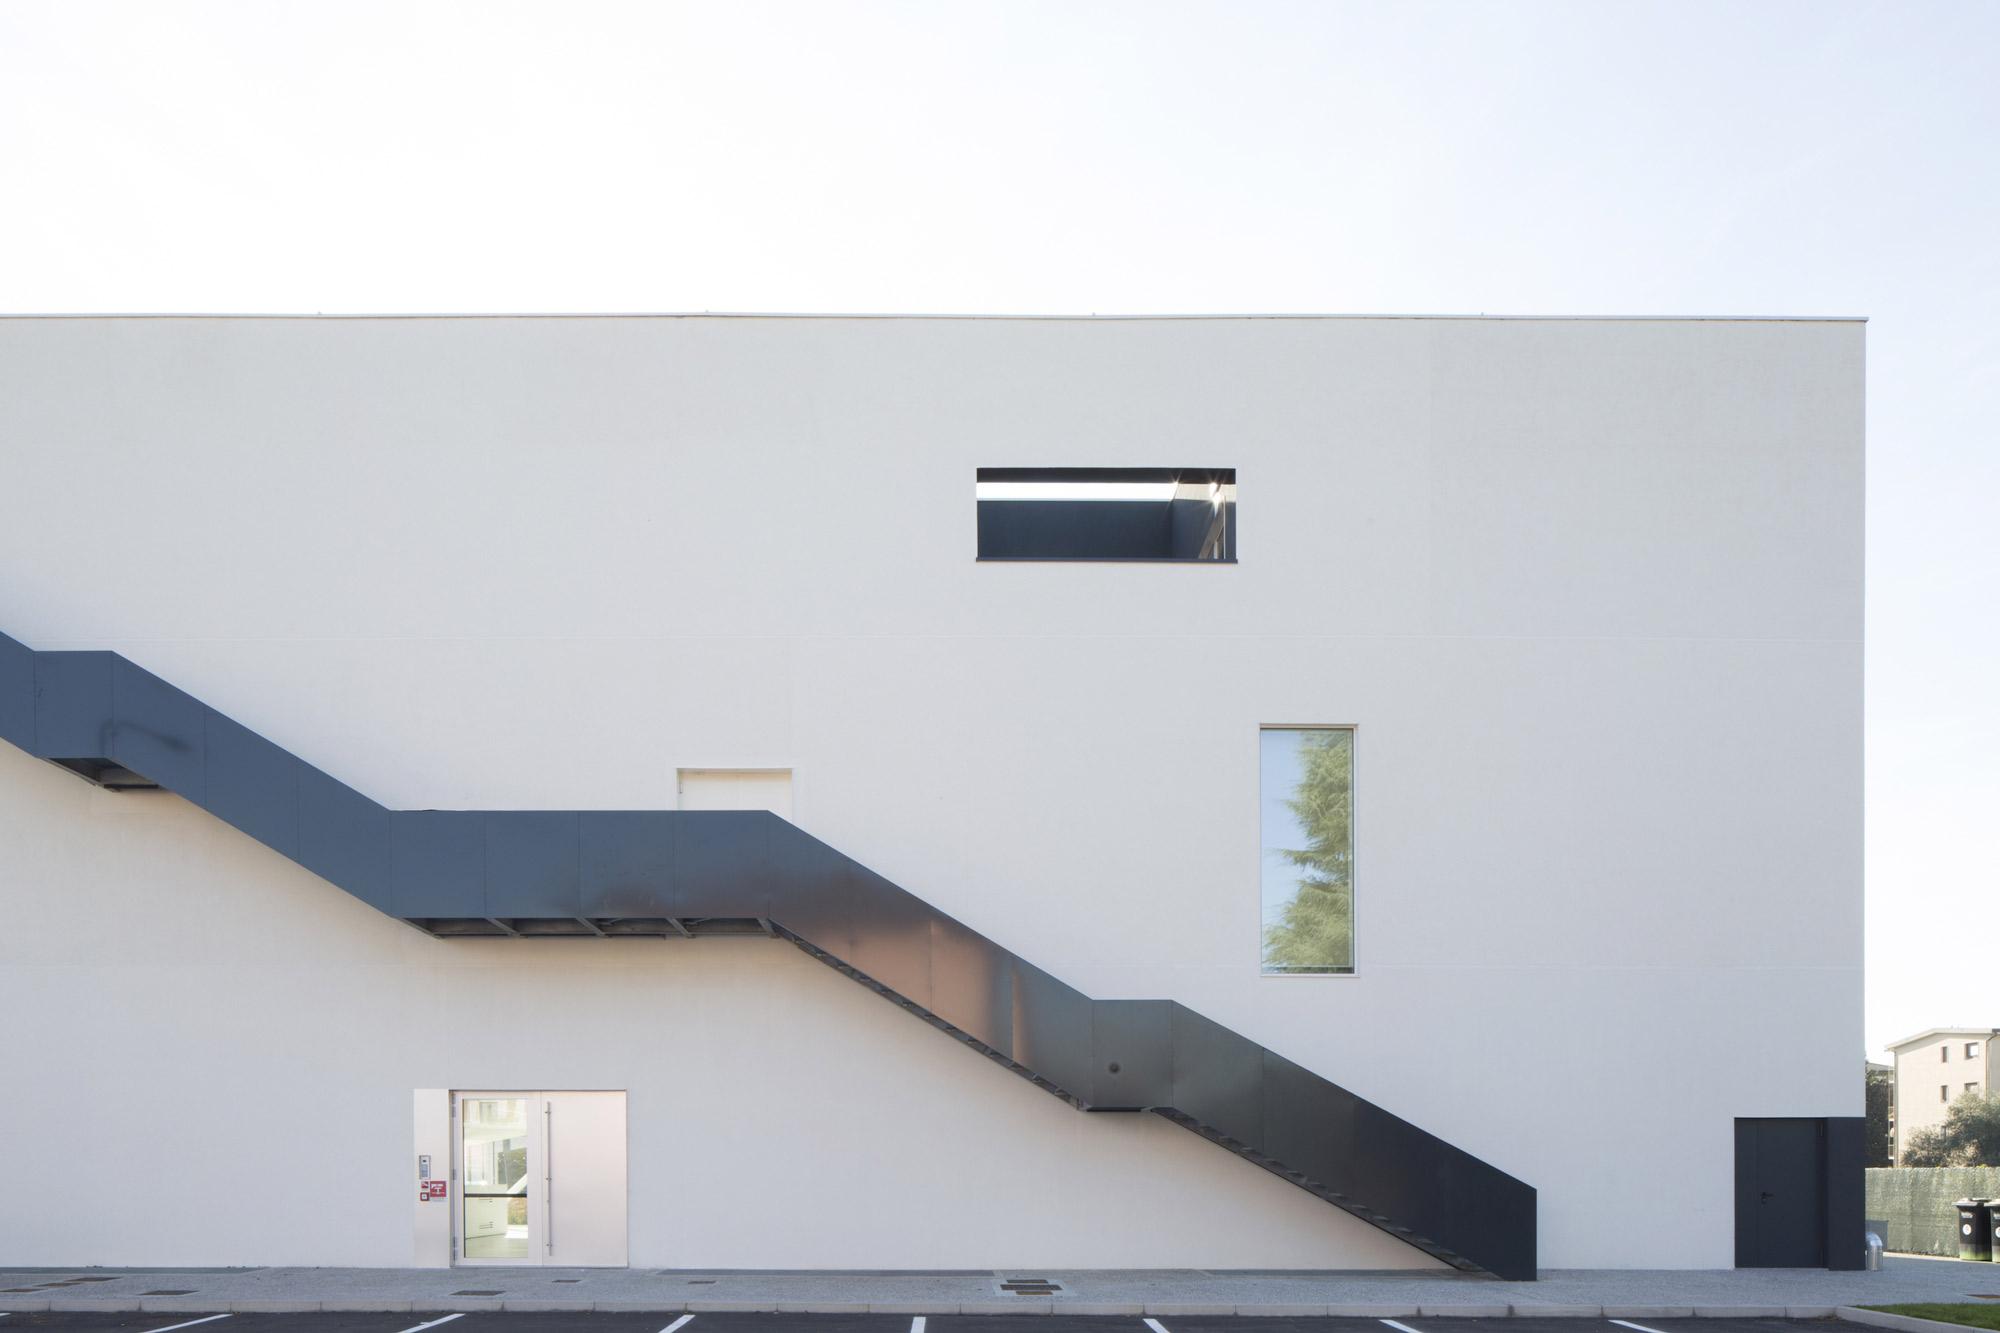 Centro della Musica a Cassano d'Adda © Filippo Romano, courtesy DAP Studio